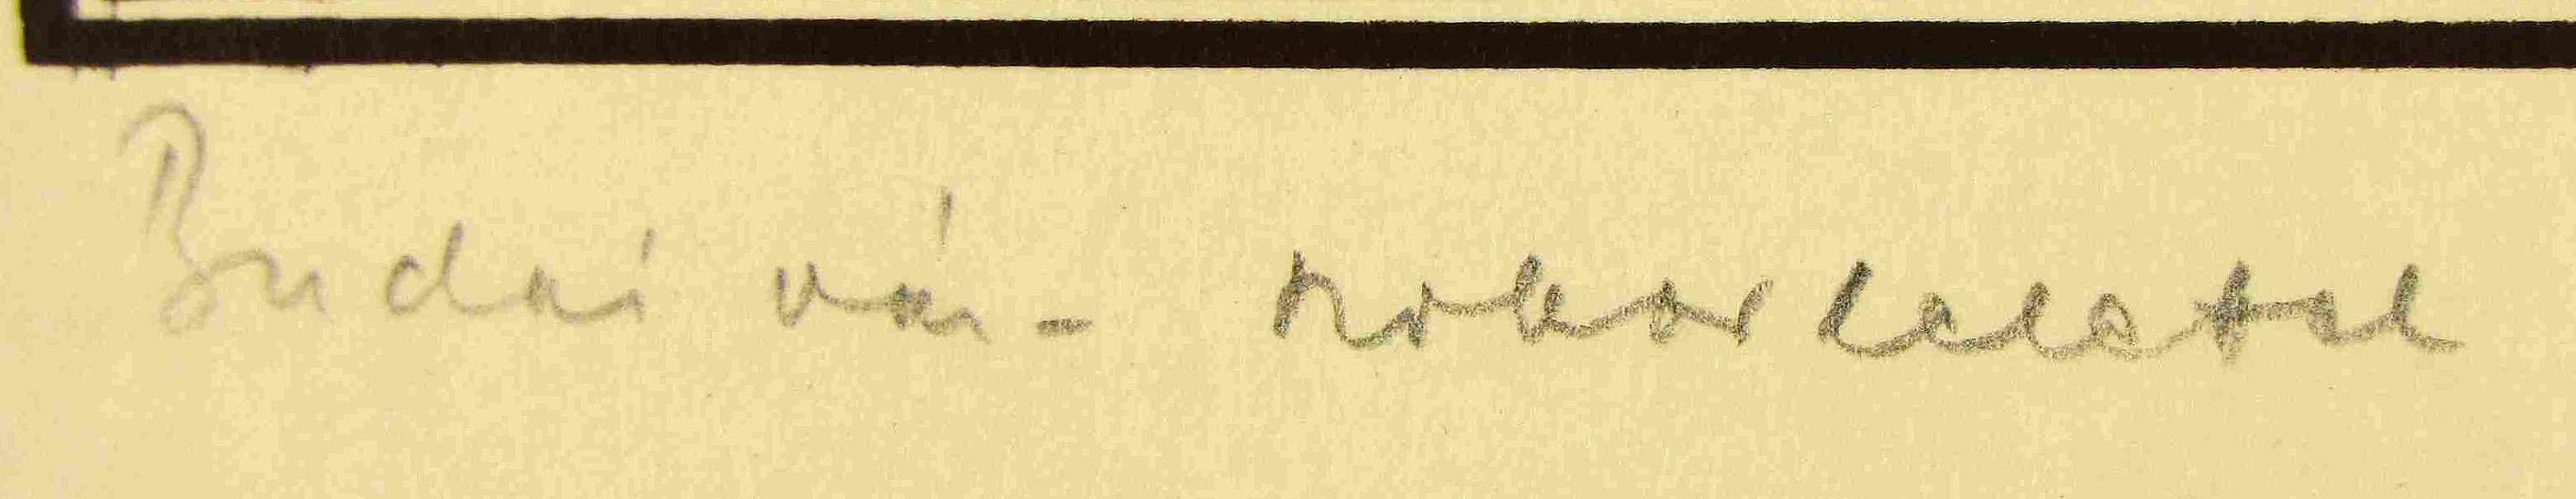 72-310sb.JPG (3126�606)